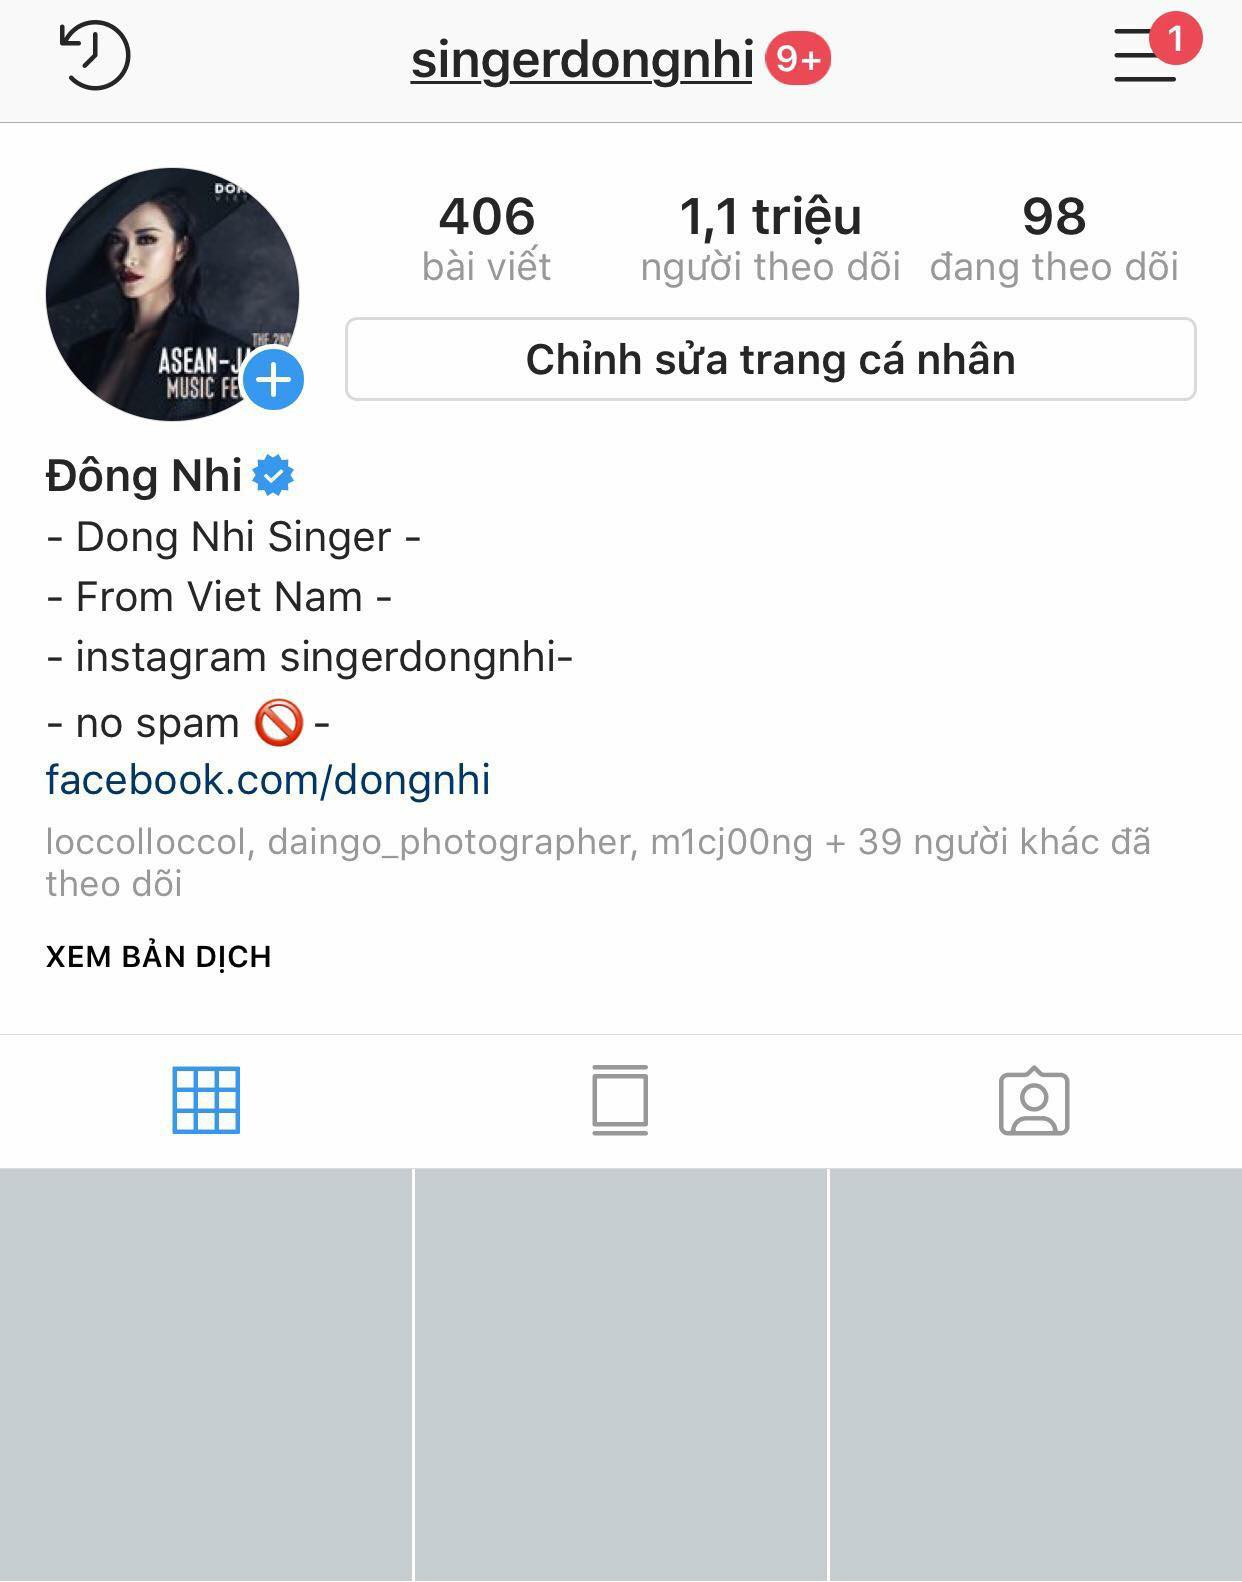 Đông Nhi tung thông điệp ẩn ý, fan đồng loạt thay avatar và cover facebook cổ vũ thần tượng trở lại - Ảnh 1.